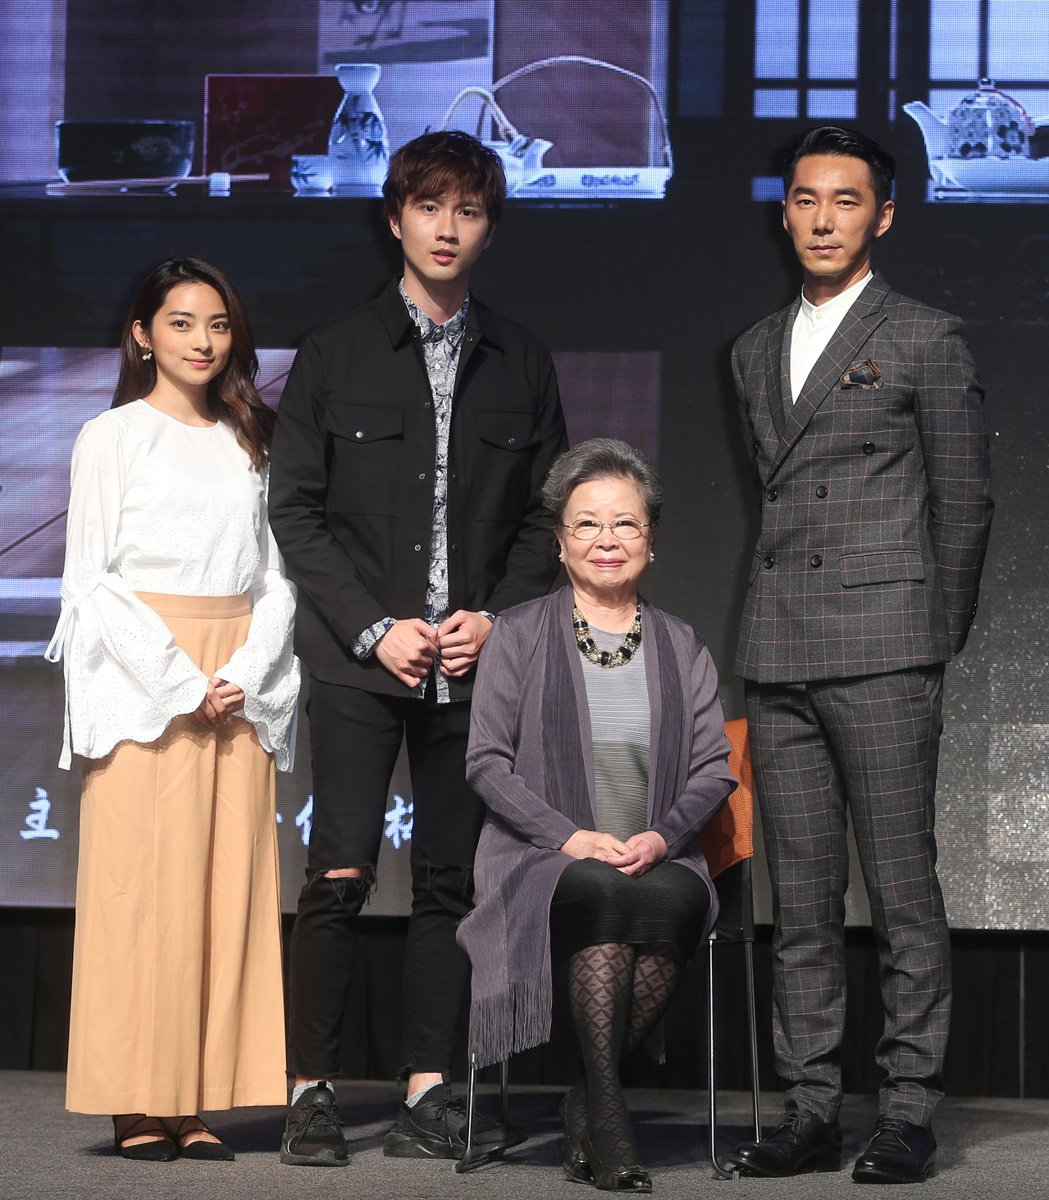 文化部《閱讀時光II》首映會,演員梅芳、李李仁等人出席。記者曾吉松/攝影